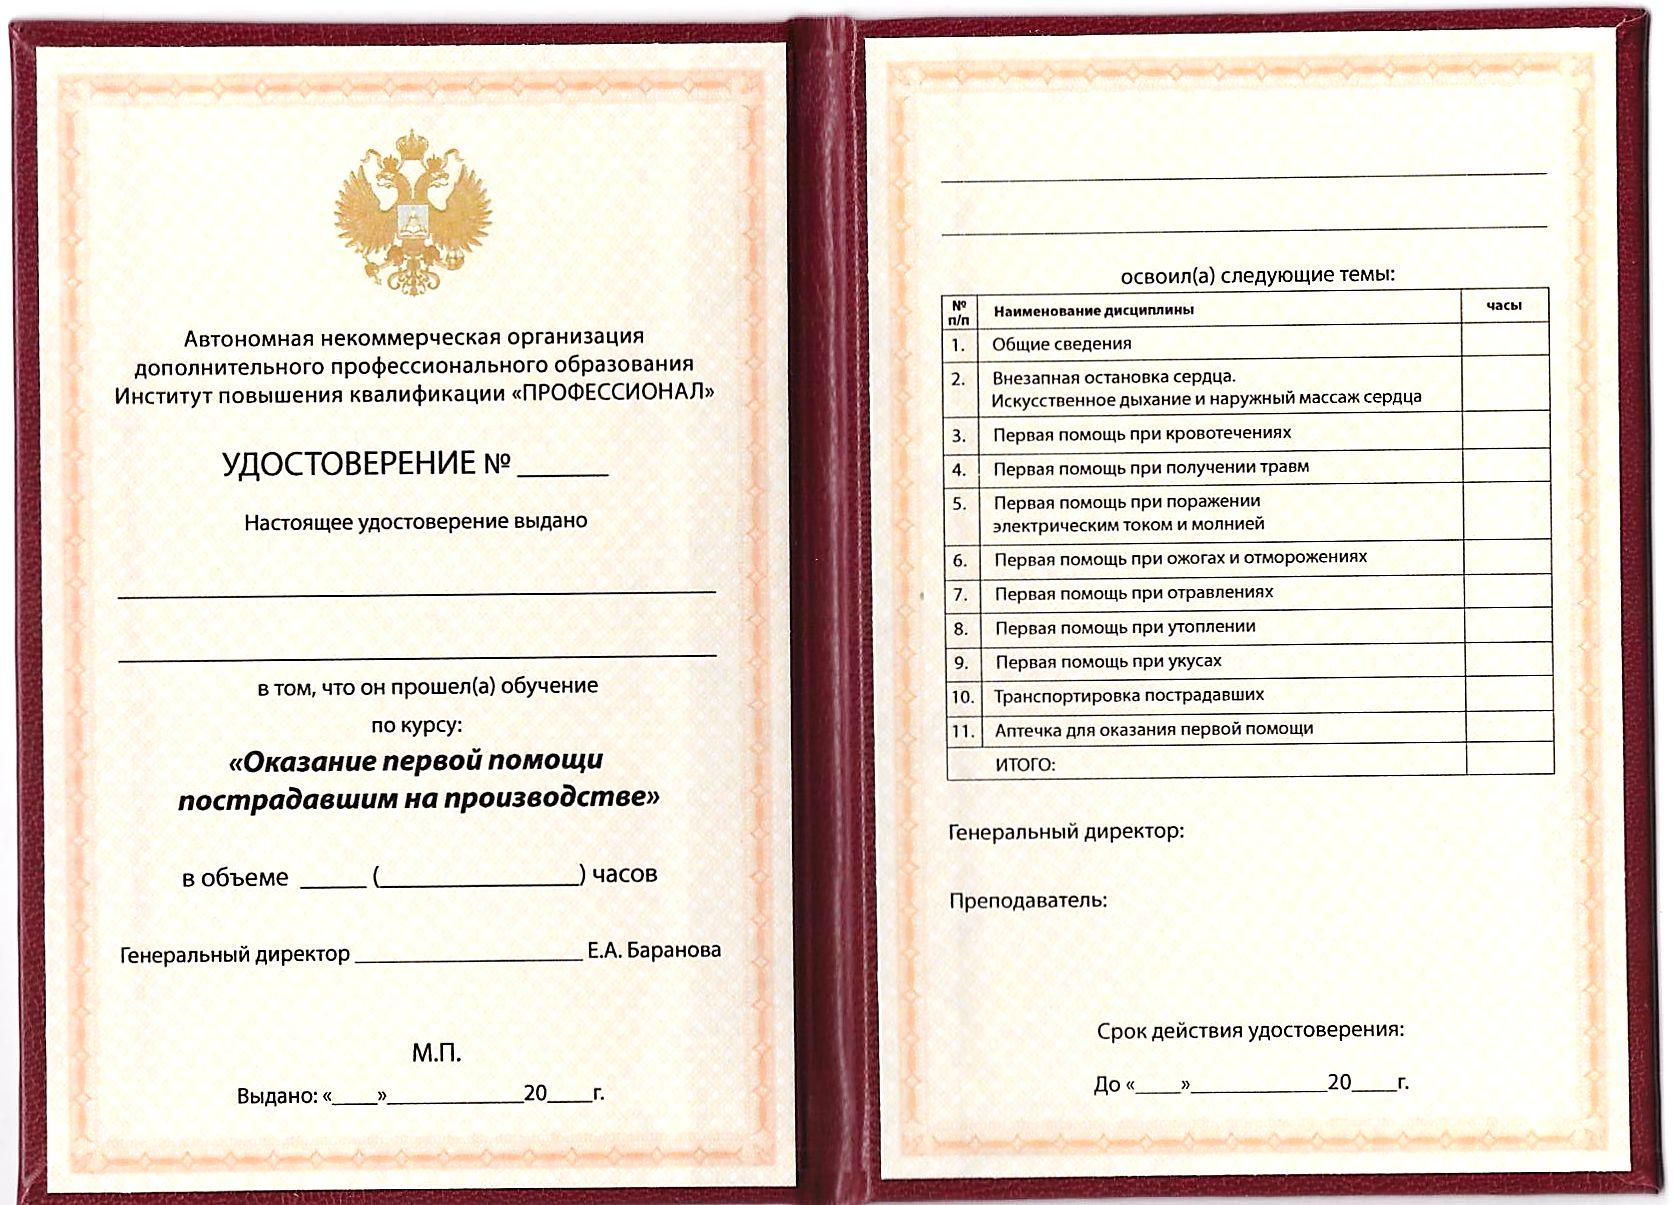 Действие удостоверения по оказанию первой медицинской помощи